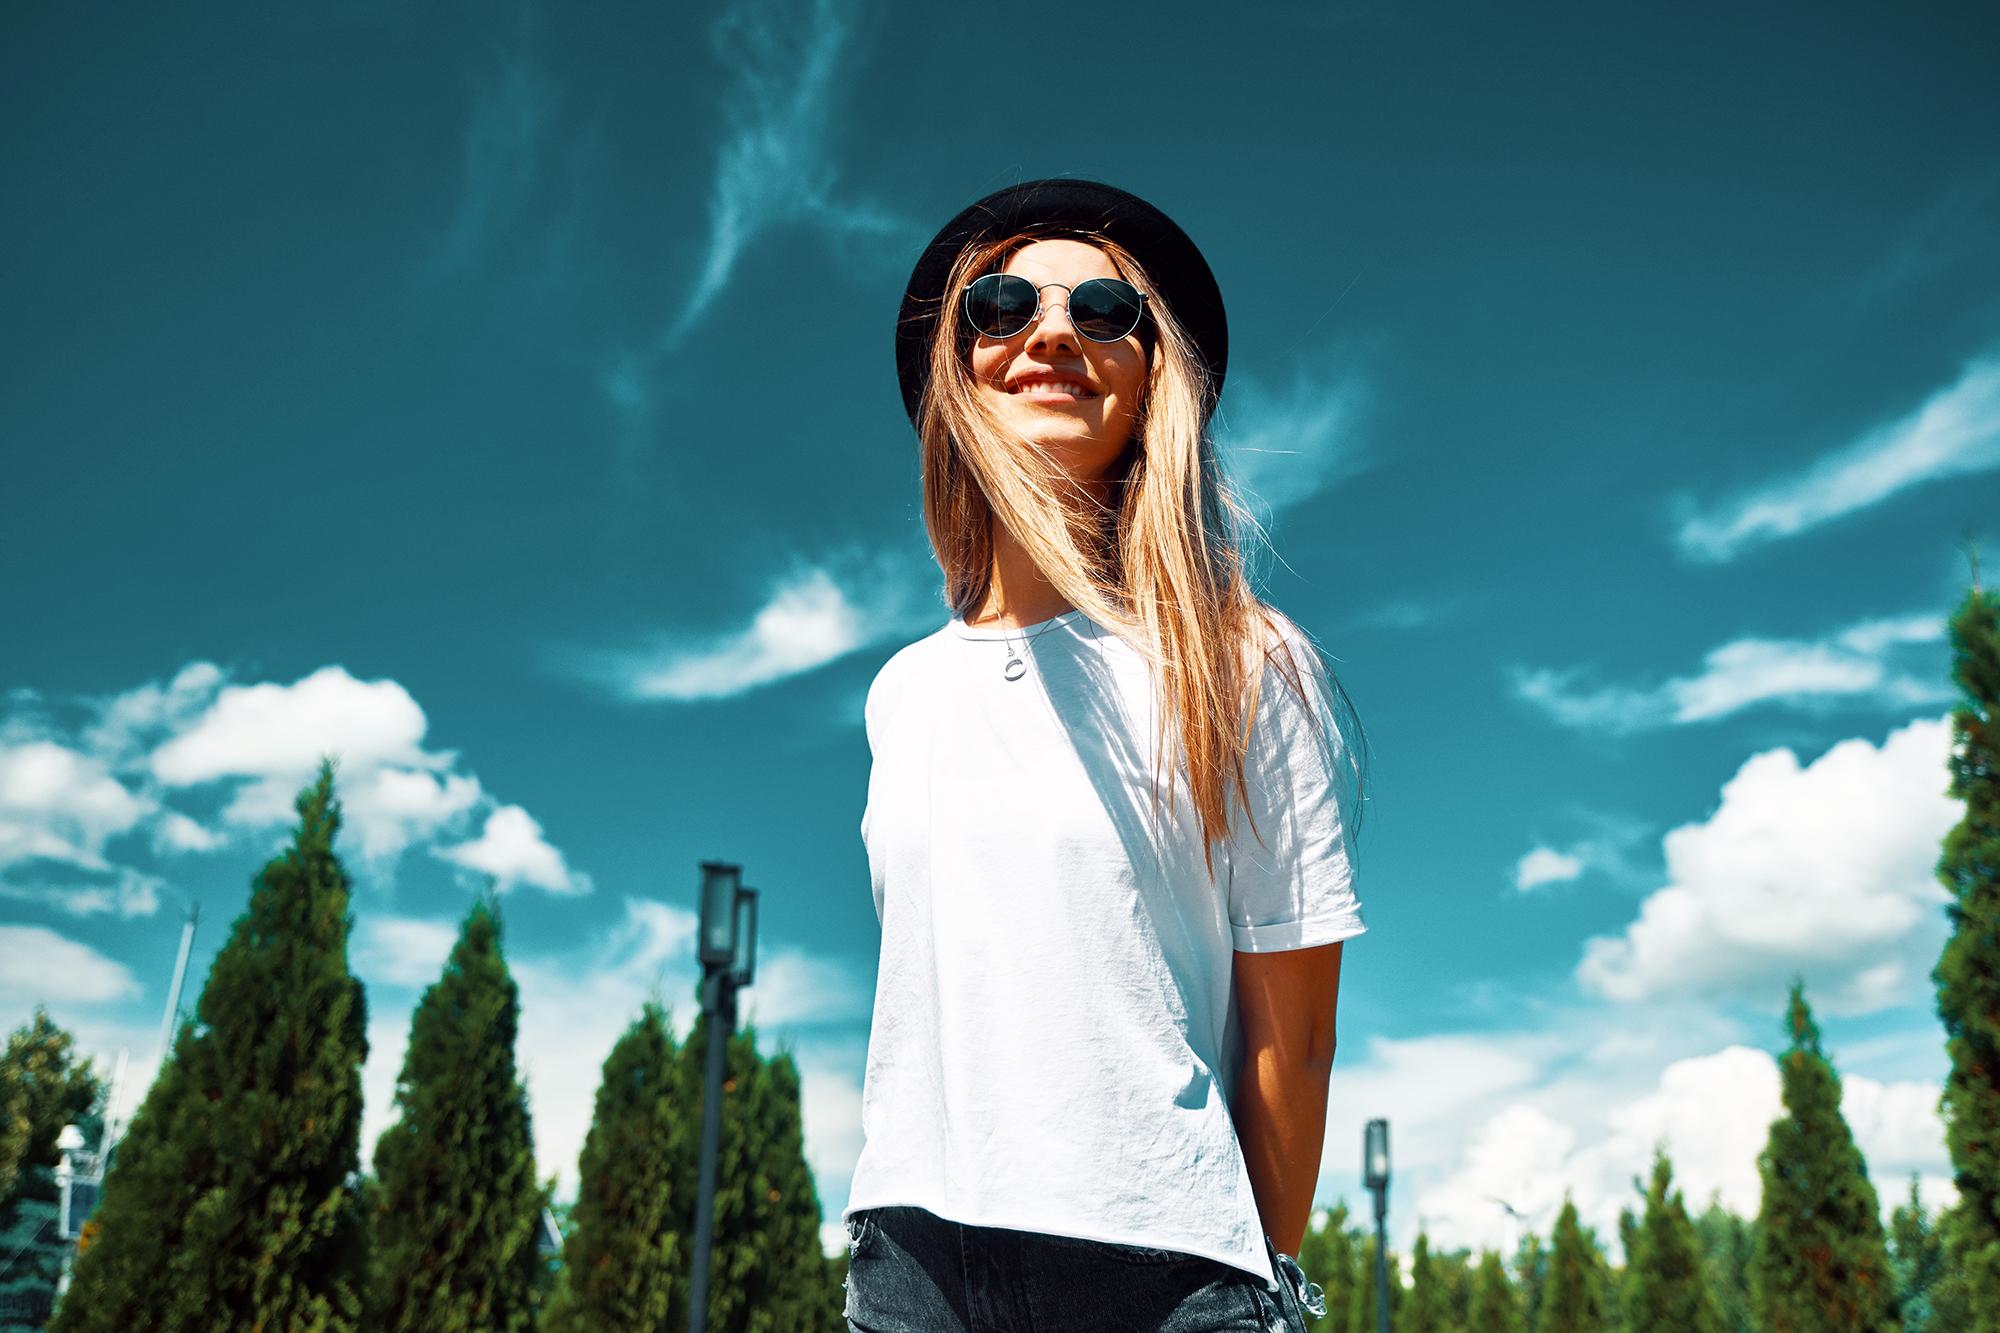 cô gái mặc áo thun trắng đội mũ phớt đeo kính râm